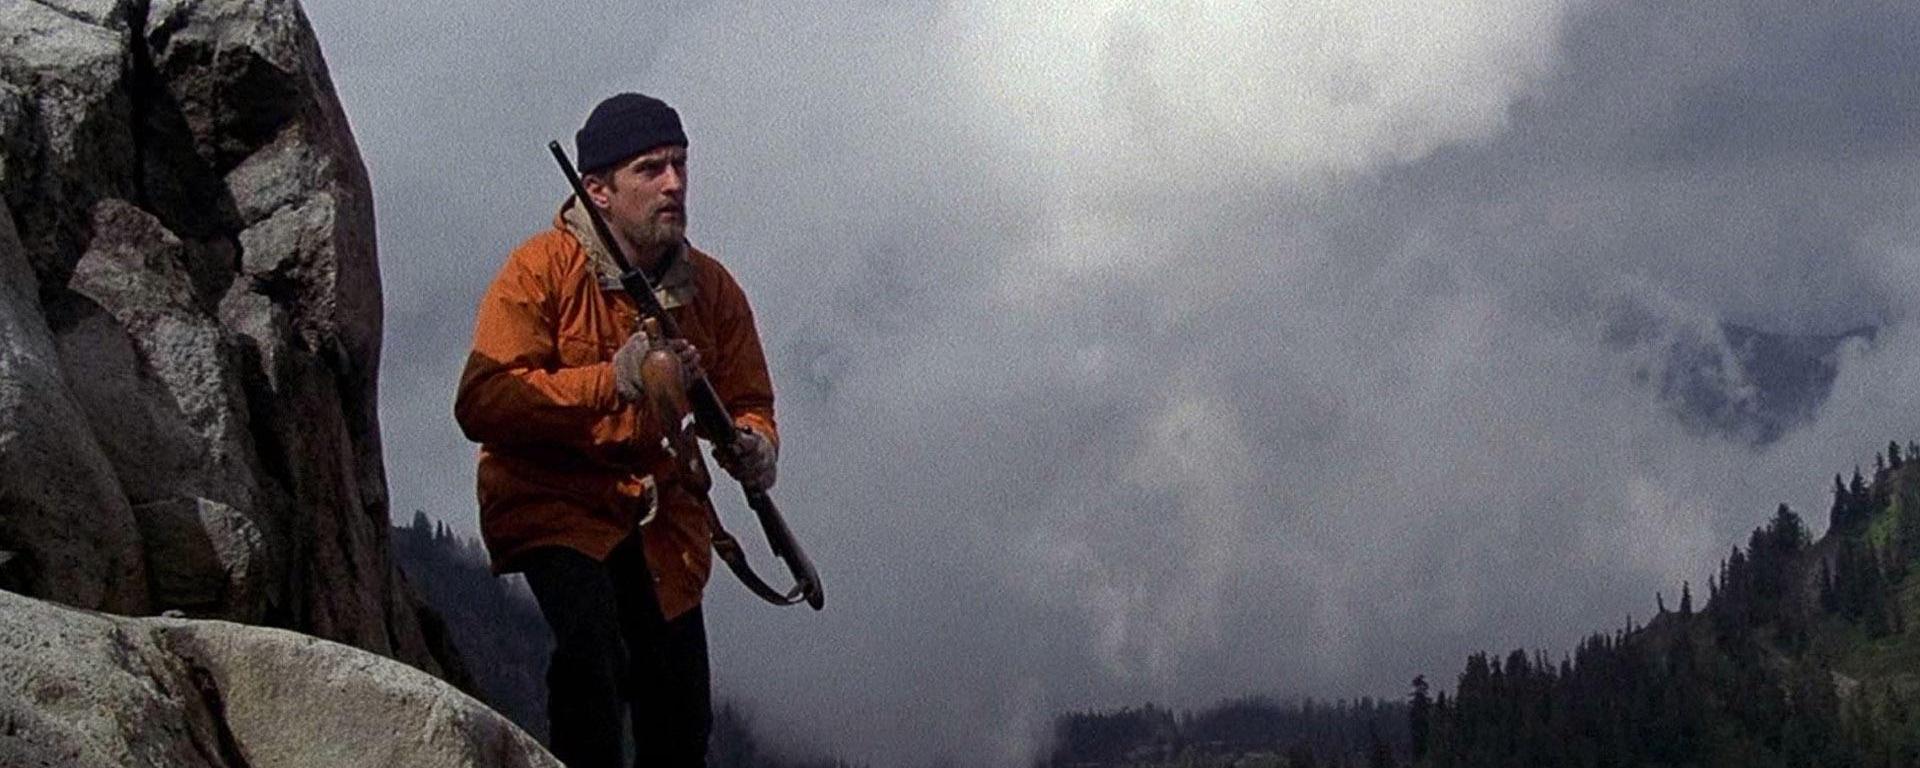 Il cacciatore - CineFatti